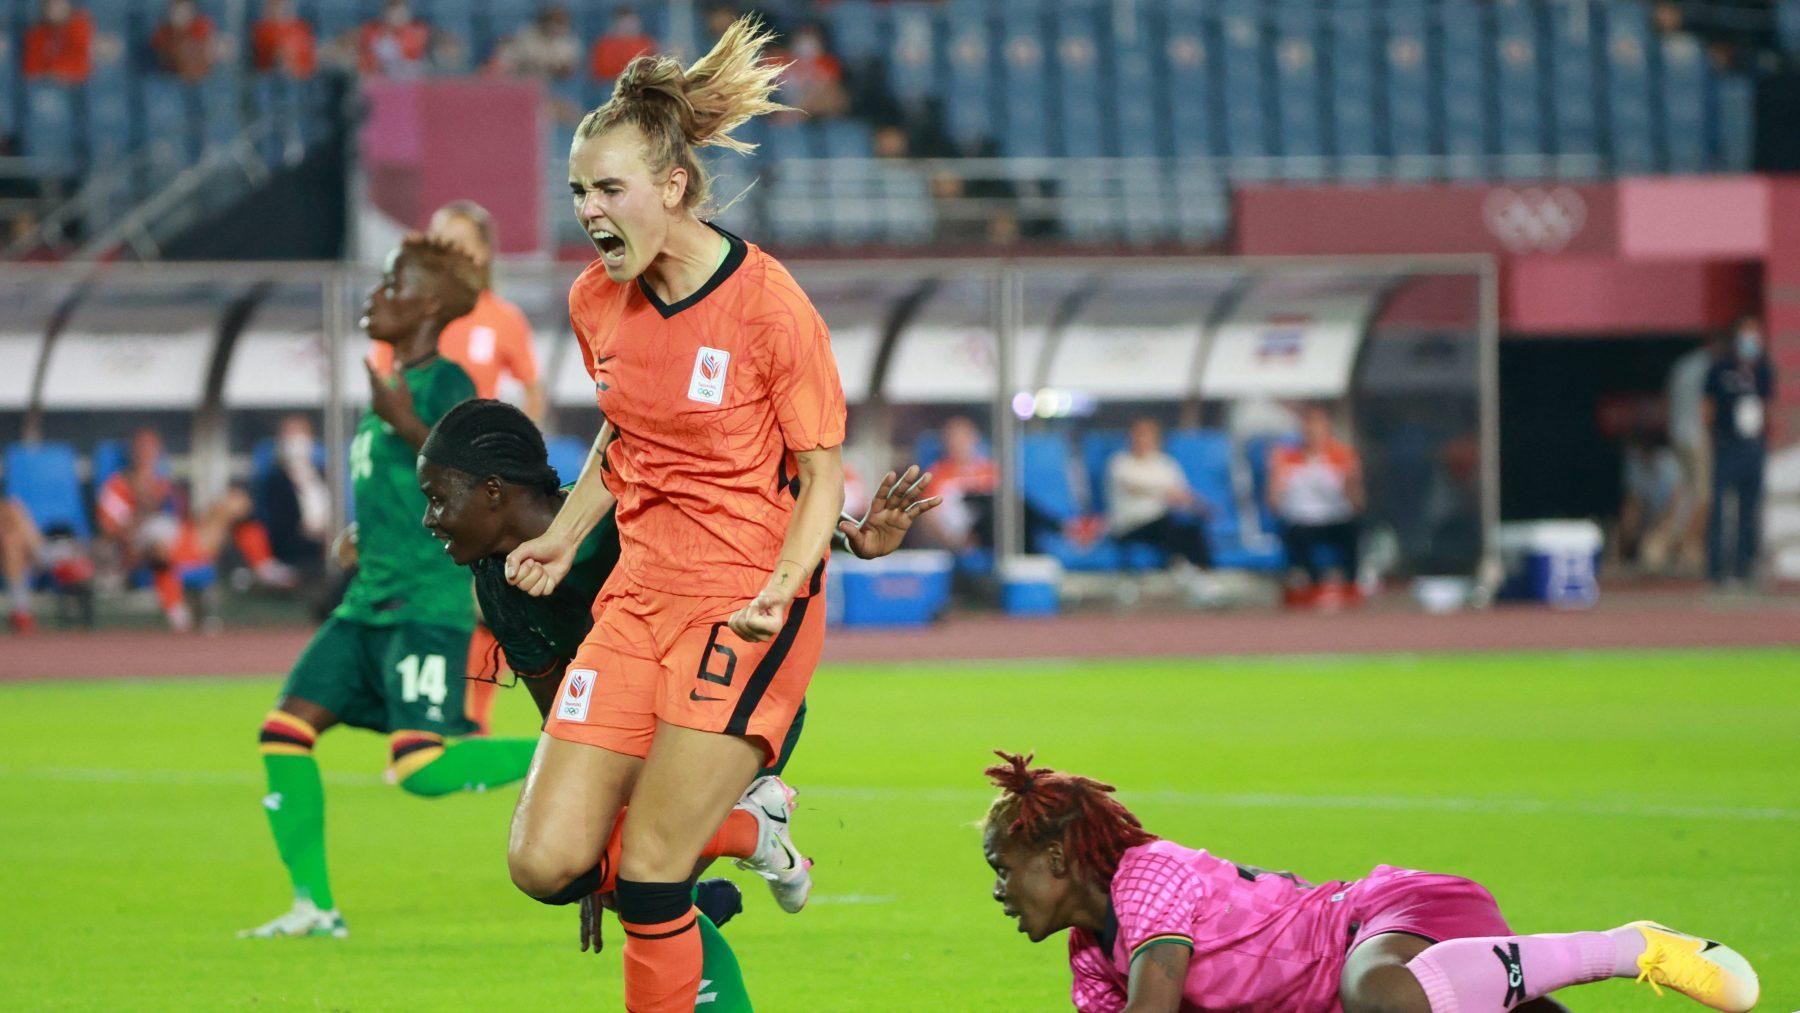 oranjeleeuwinnen-zambia-overwinning